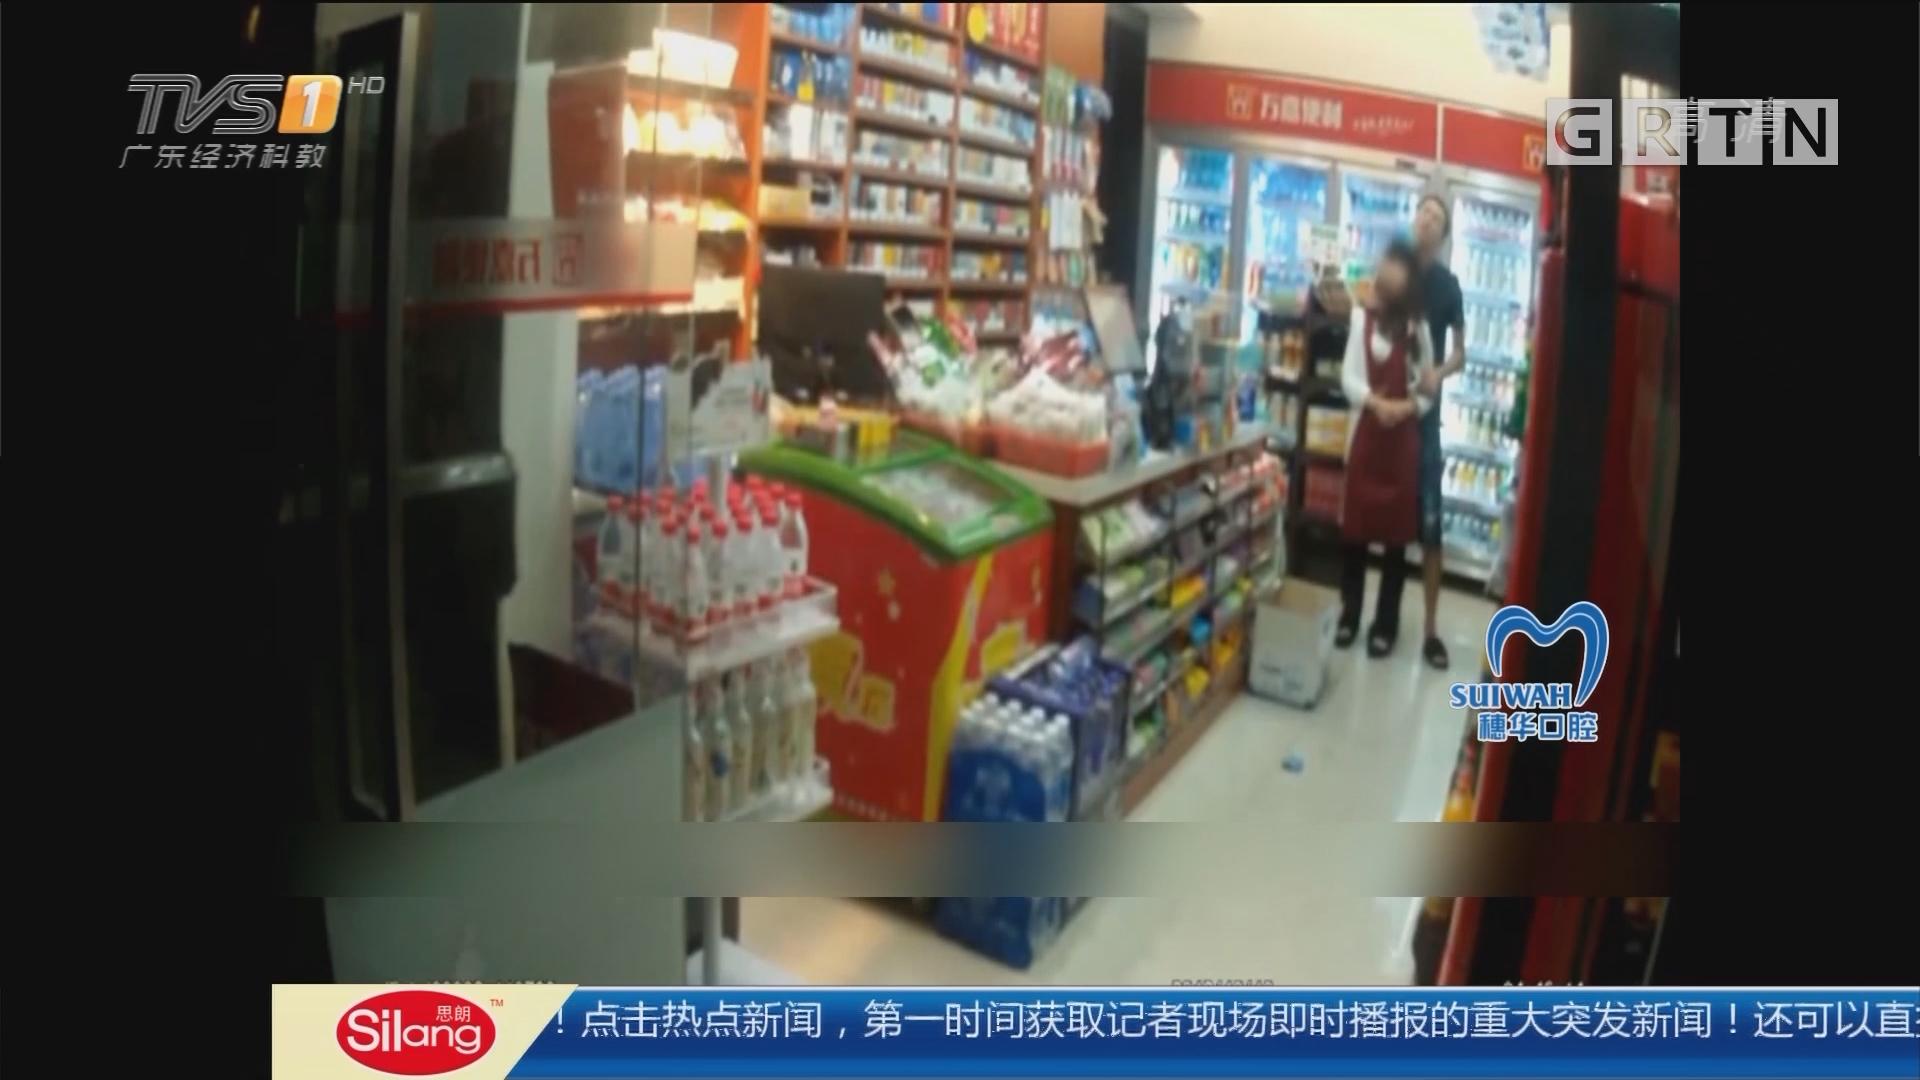 福州:警方成功处置便利店劫持人质案